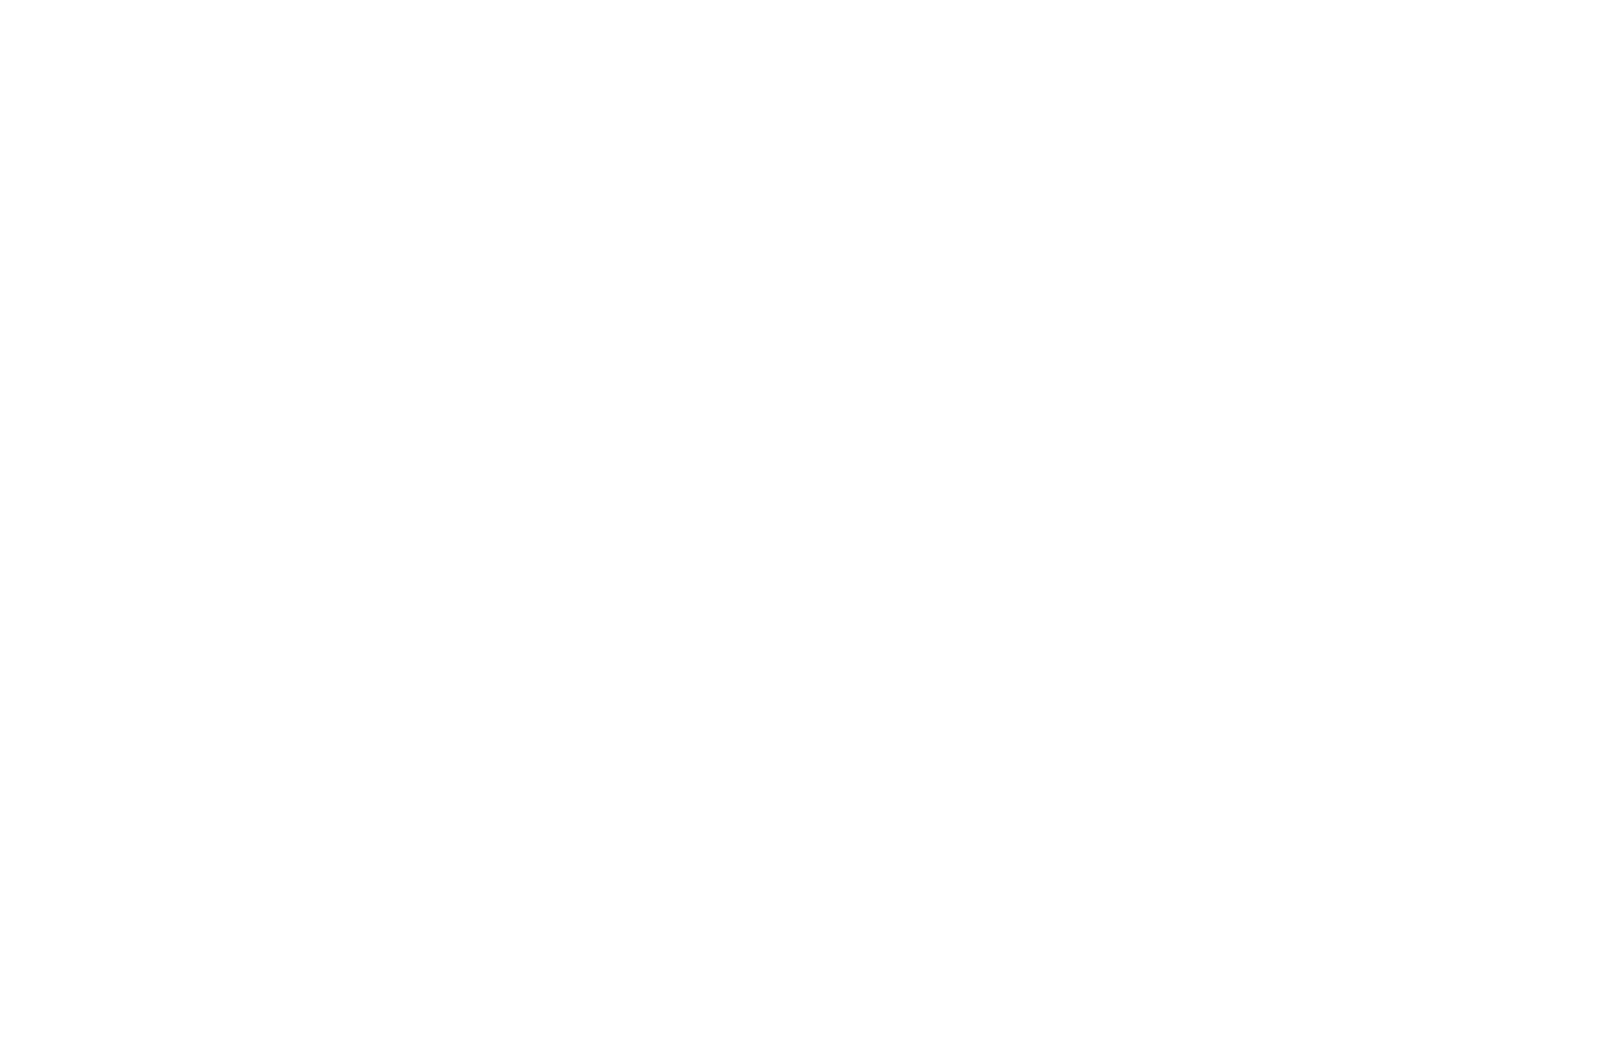 Scarano Boat